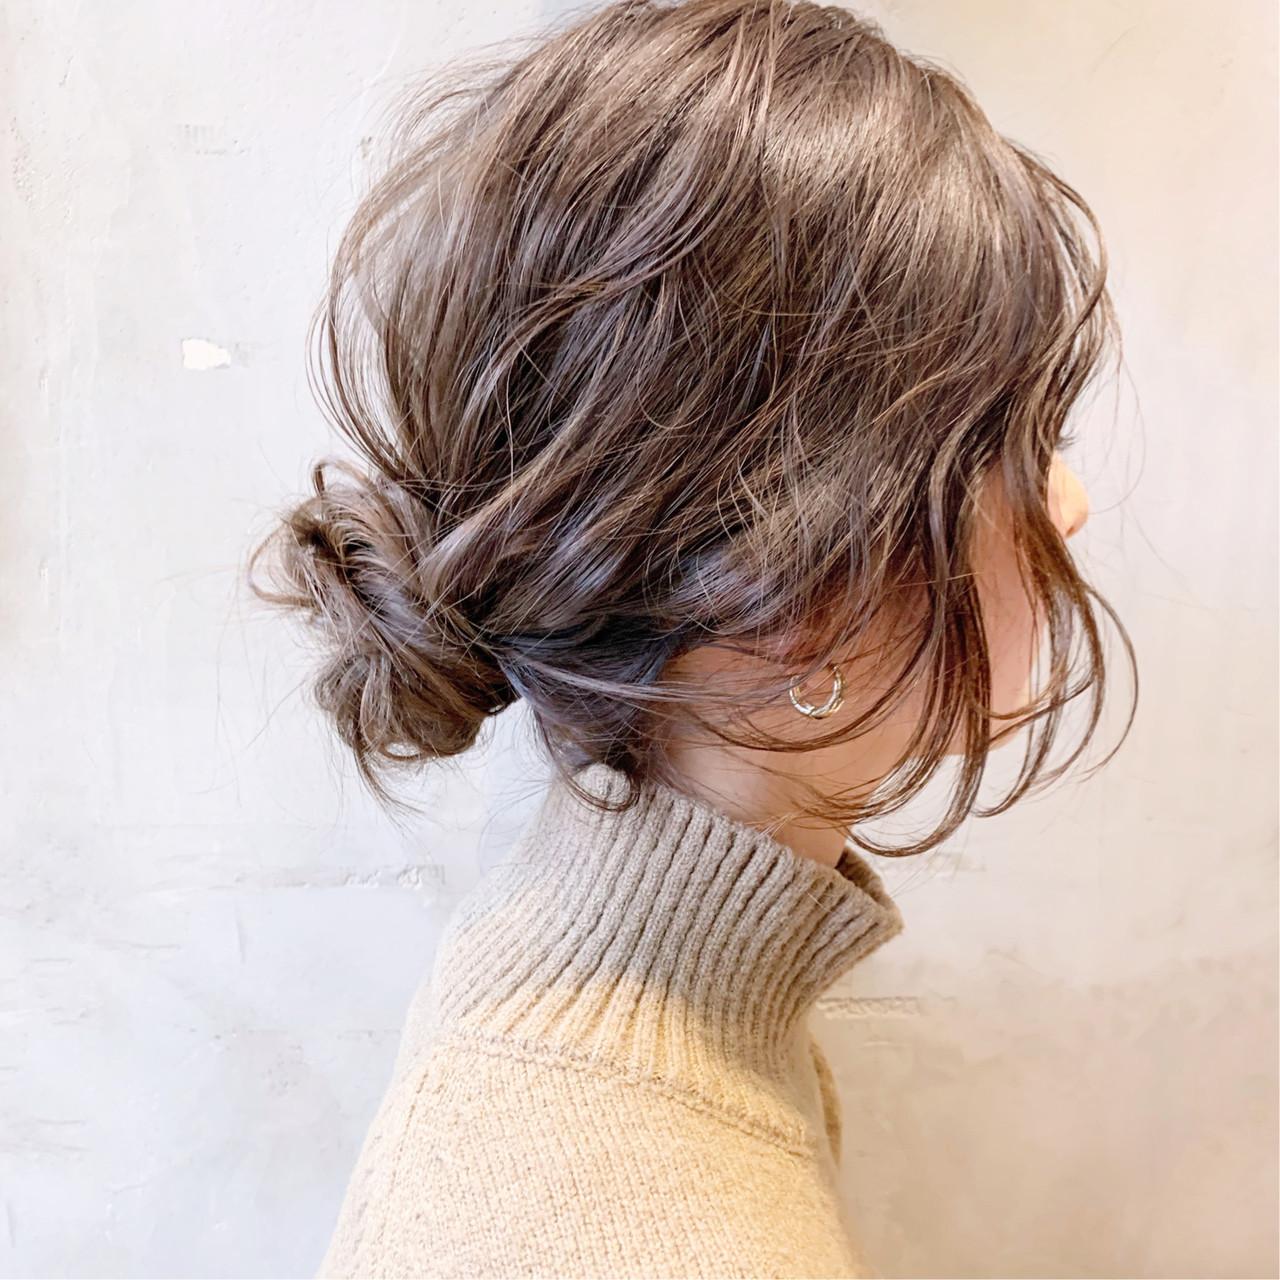 お団子アレンジ 簡単ヘアアレンジ 透明感カラー ロング ヘアスタイルや髪型の写真・画像